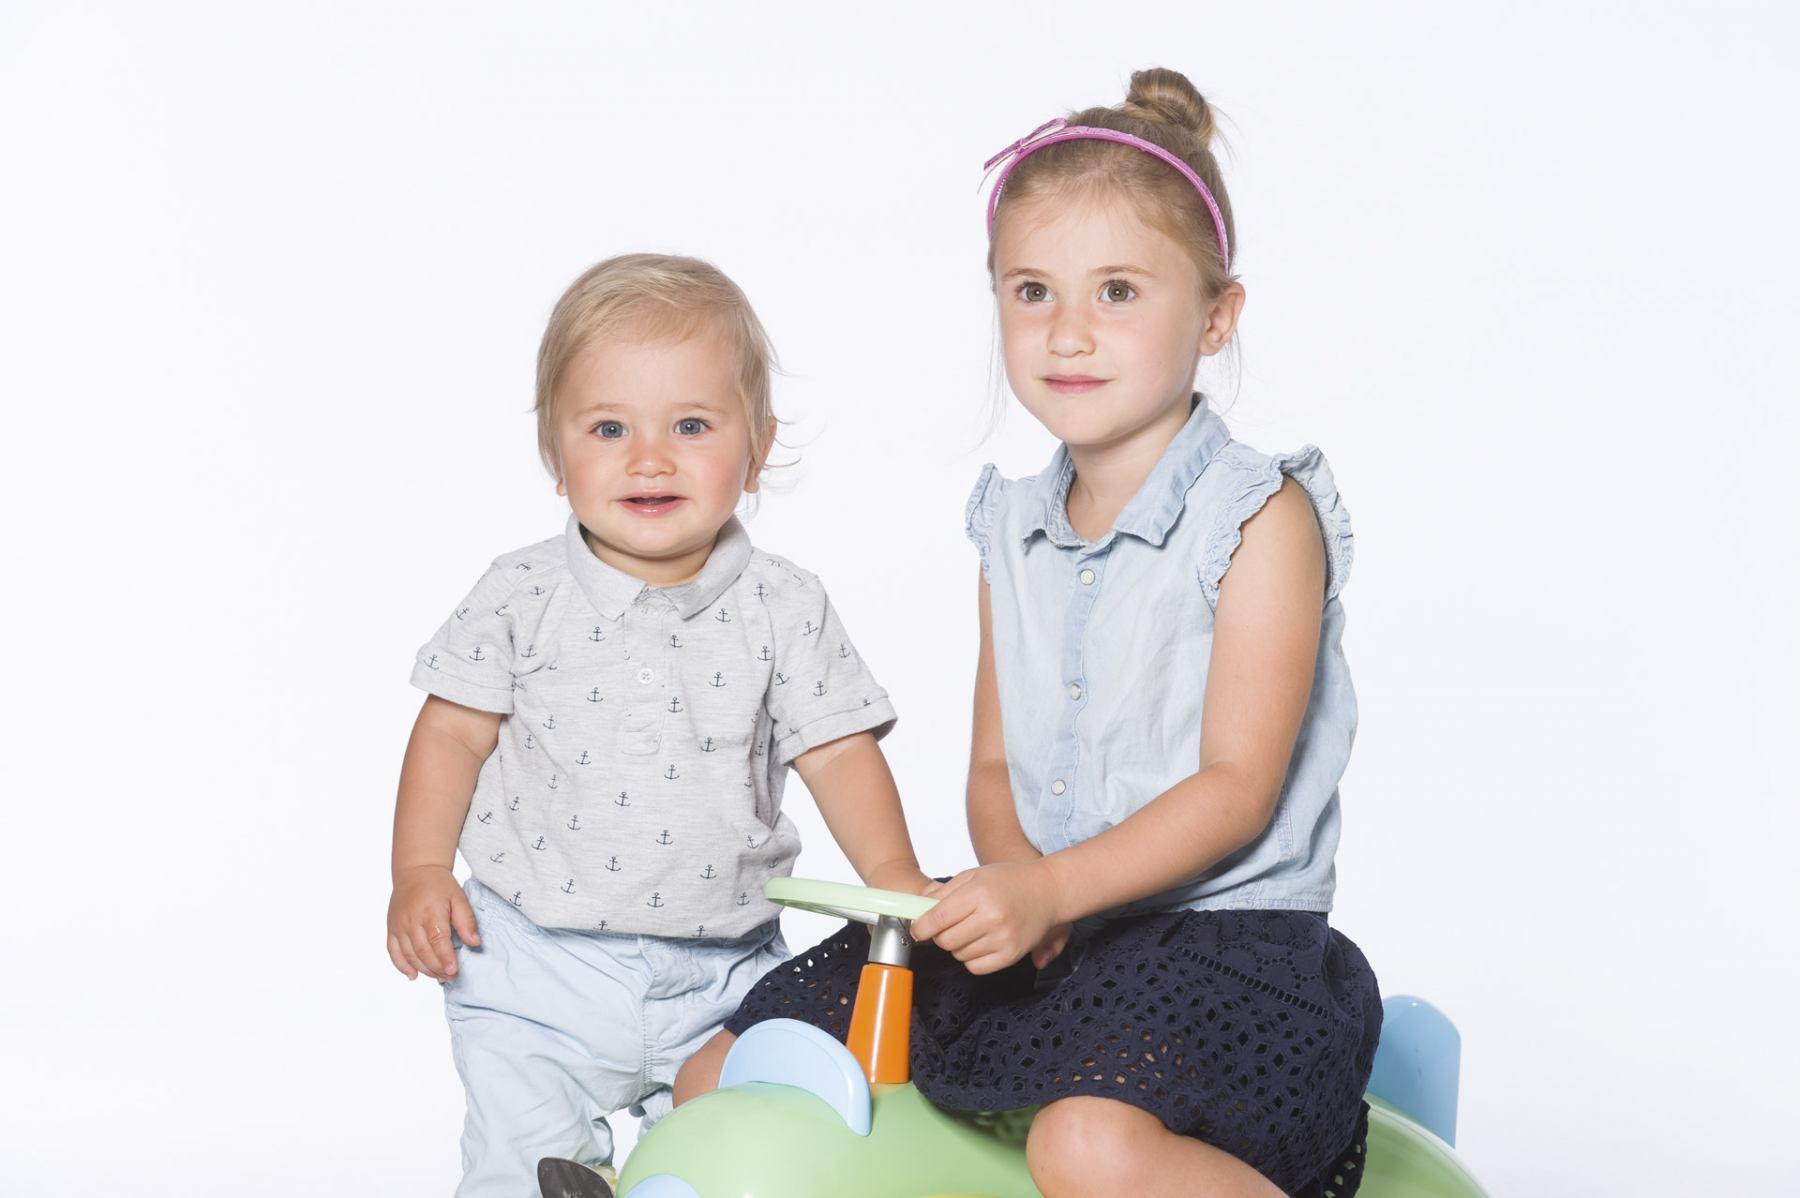 Fotograf-Baby-Familie-Newborn-Neugeboren-Traunstein-Chiemgau053